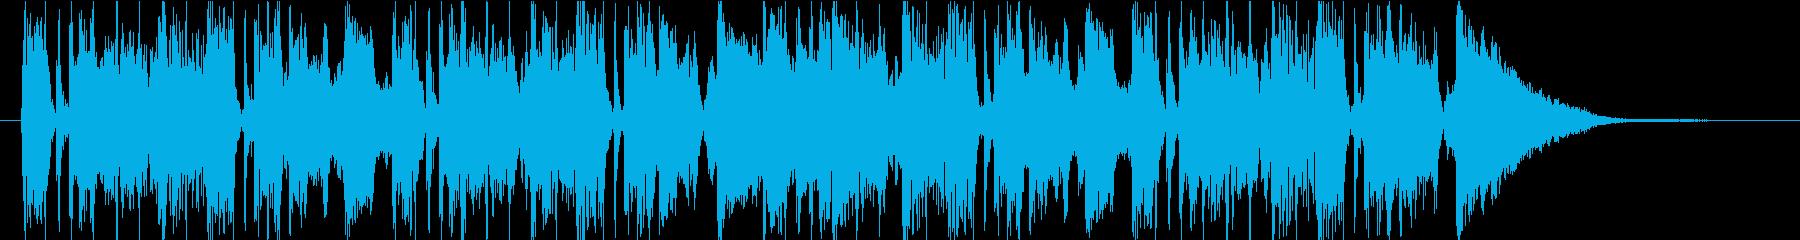 コミカルなキャラ アイキャッチの再生済みの波形